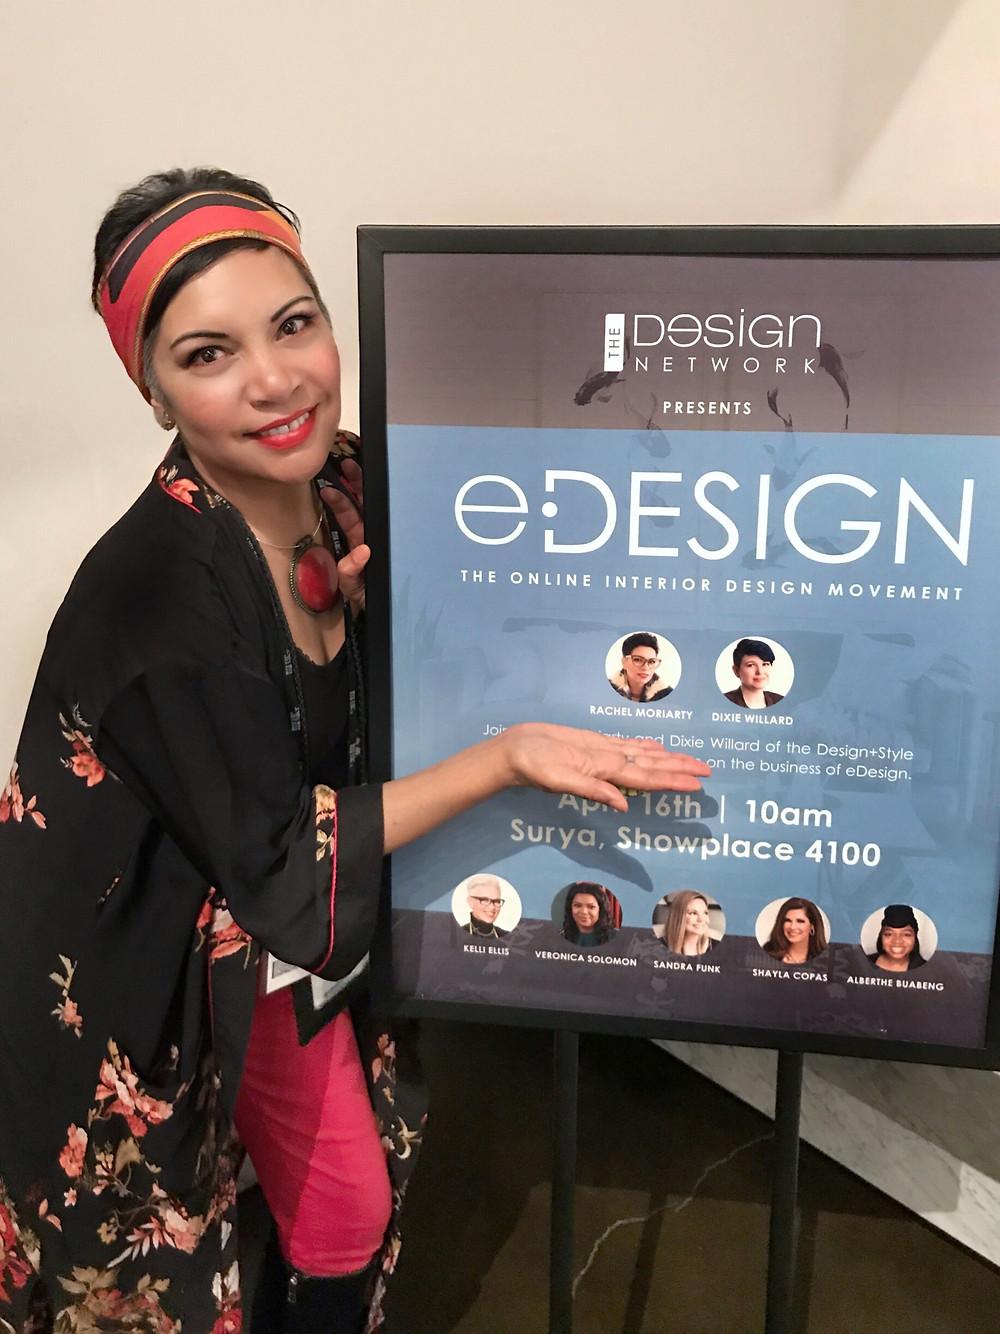 The Design Network eDesign Rachel Moriarty